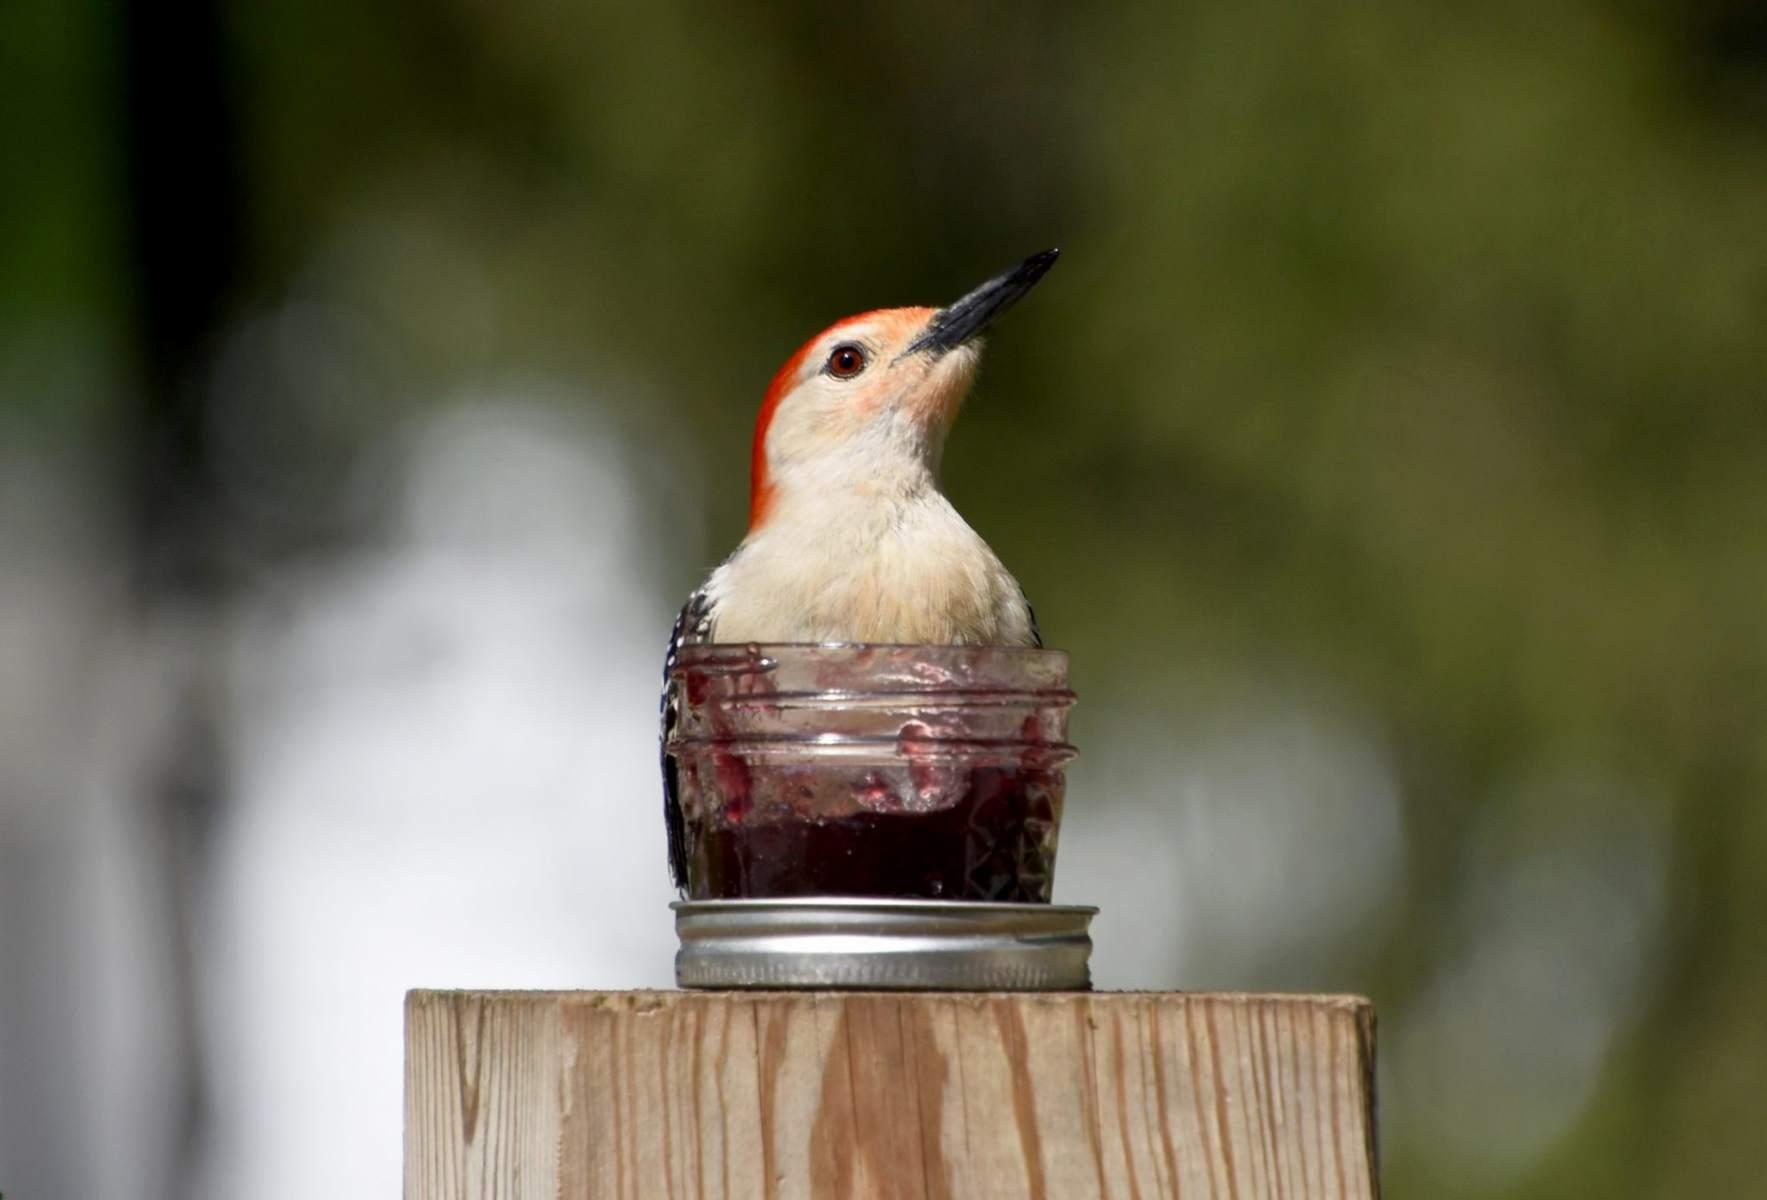 Red-bellied Woodpecker By Cassie Dahl